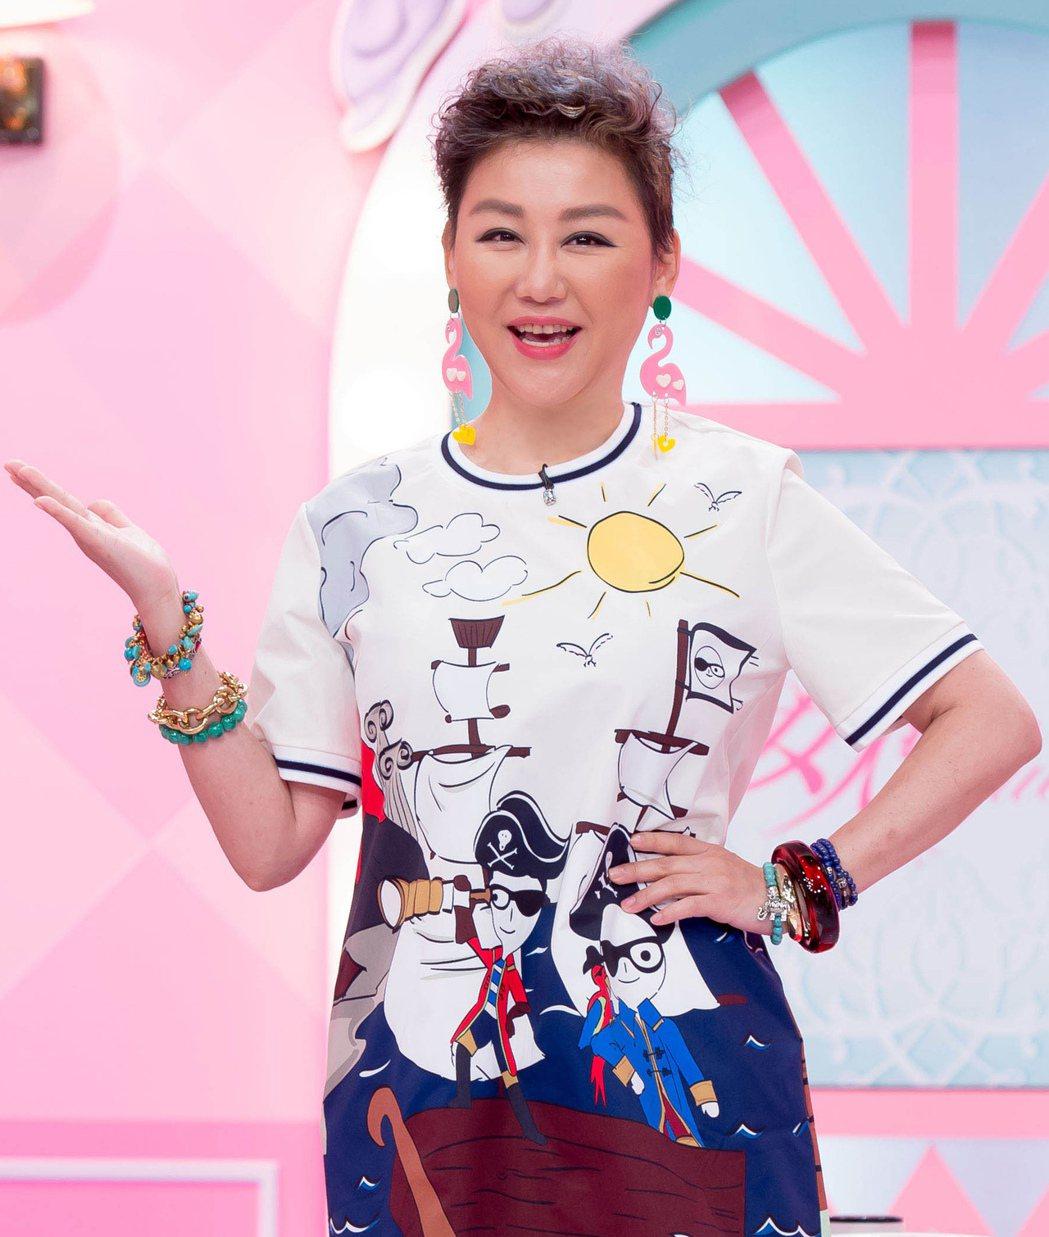 藍心湄將在「粉美賞」典禮當天秀出18歲嫩照。圖/TVBS提供